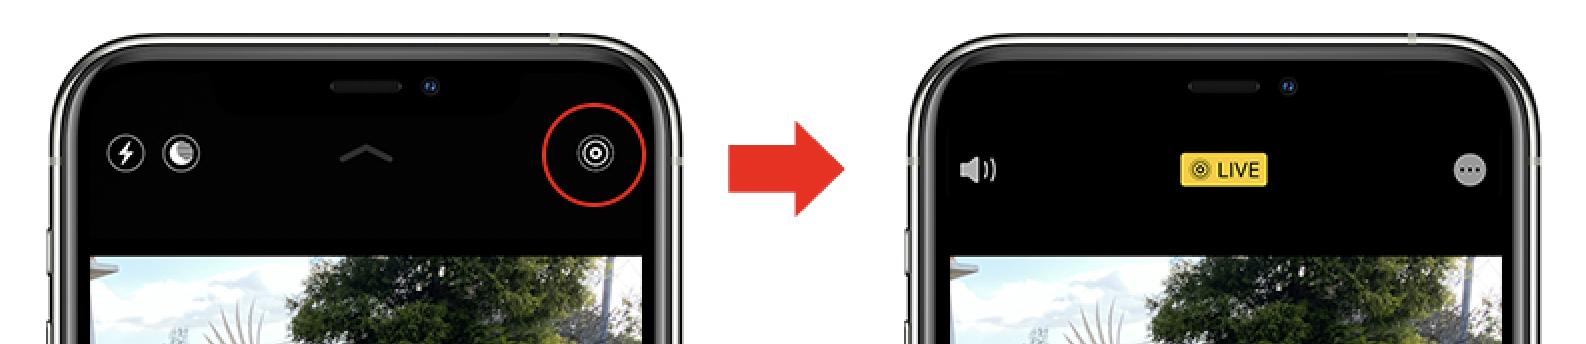 iPhone11 ライブフォトボタン